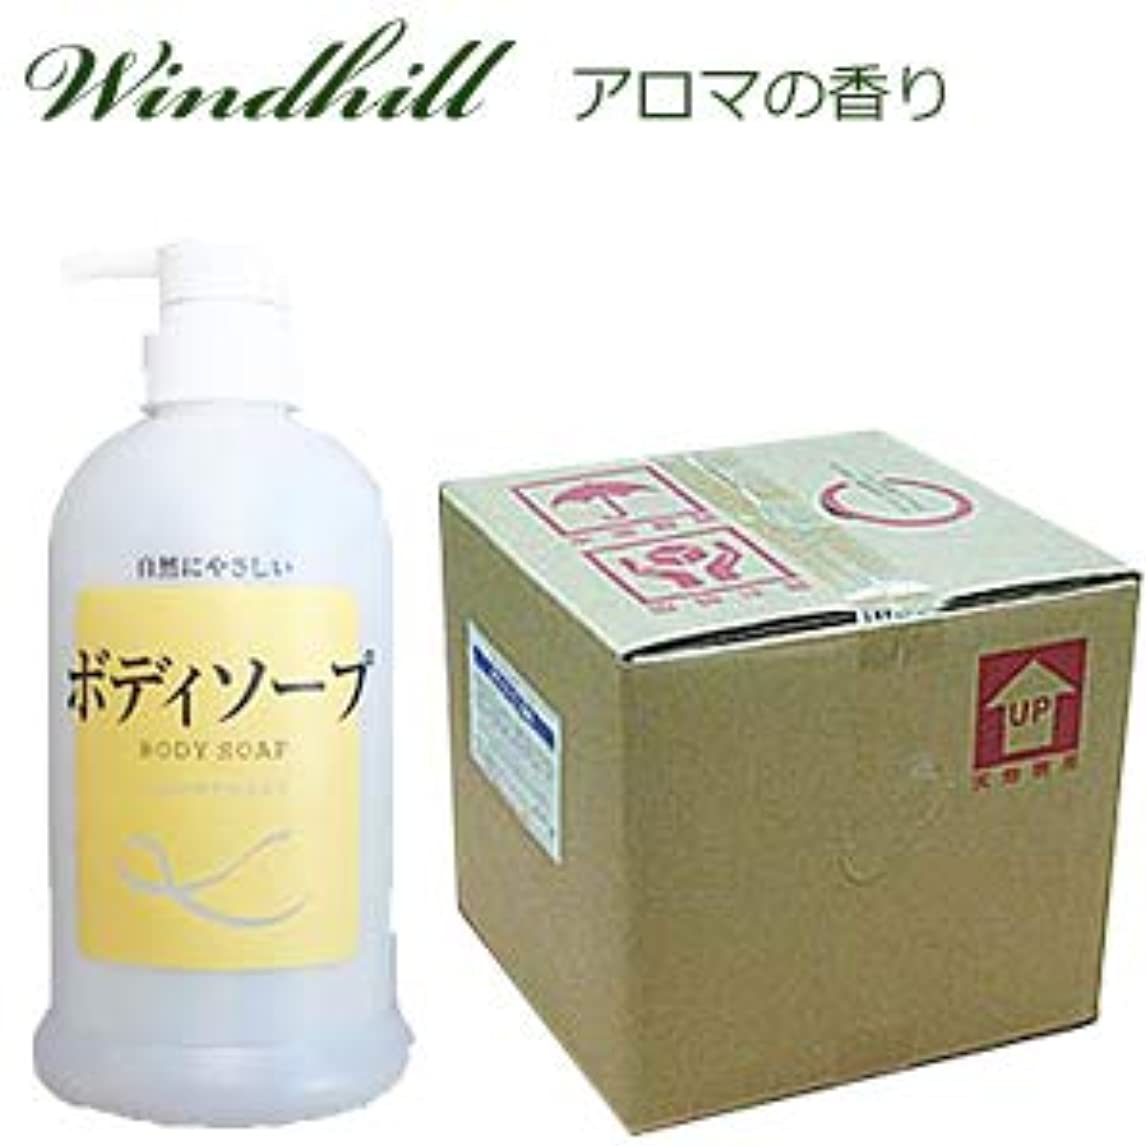 回るあらゆる種類の熟考するなんと! 500ml当り188円 Windhill 植物性業務用 ボディソープ  紅茶を思うアロマの香り 20L